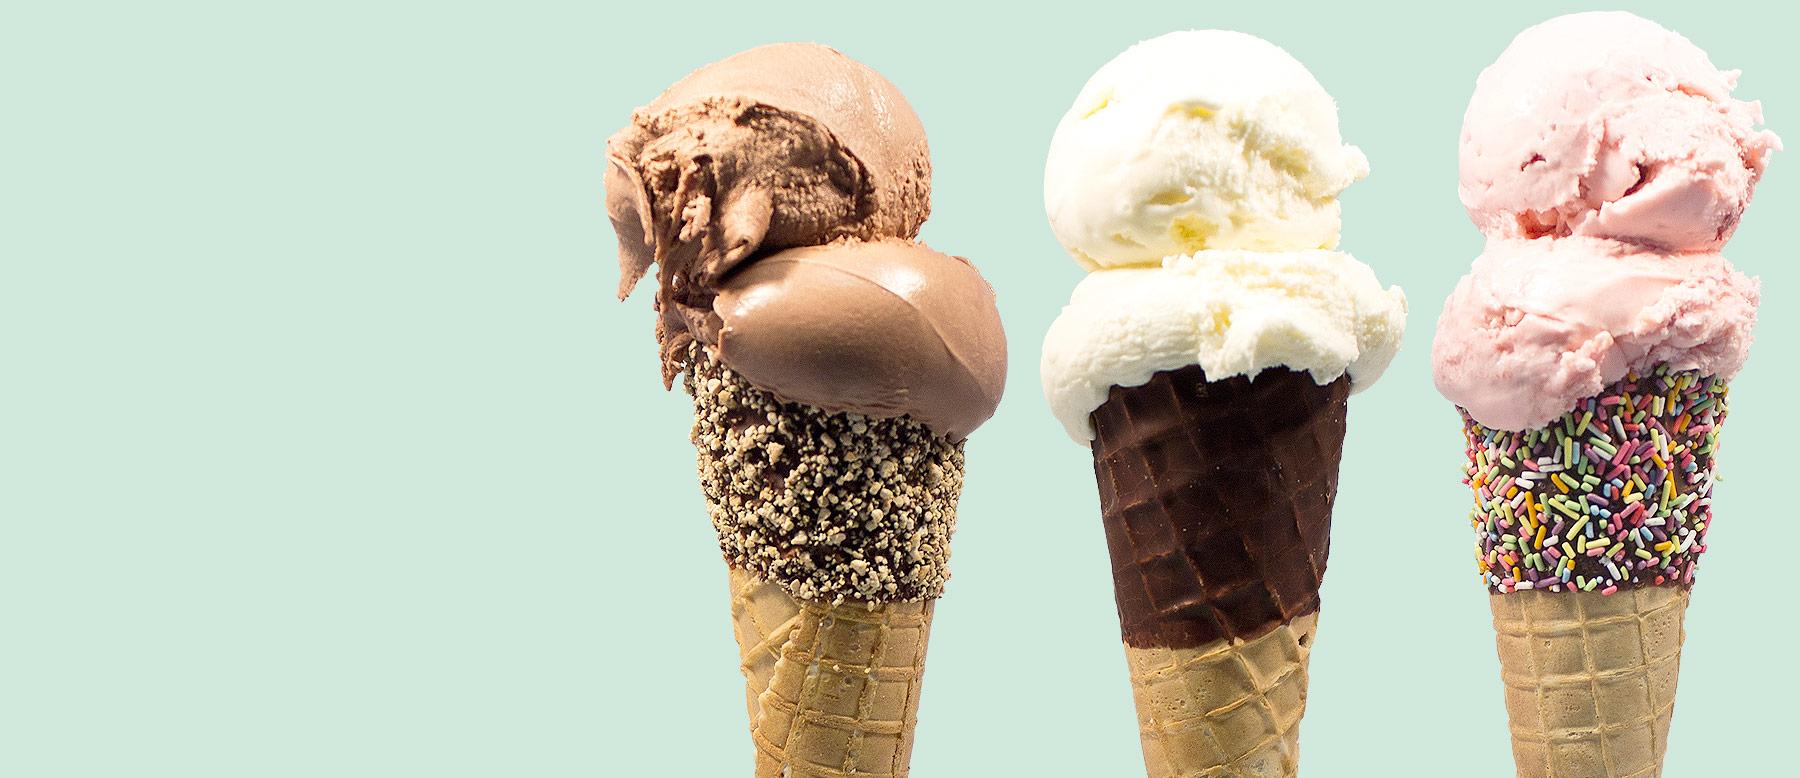 Dondurmanın Faydaları Nelerdir?